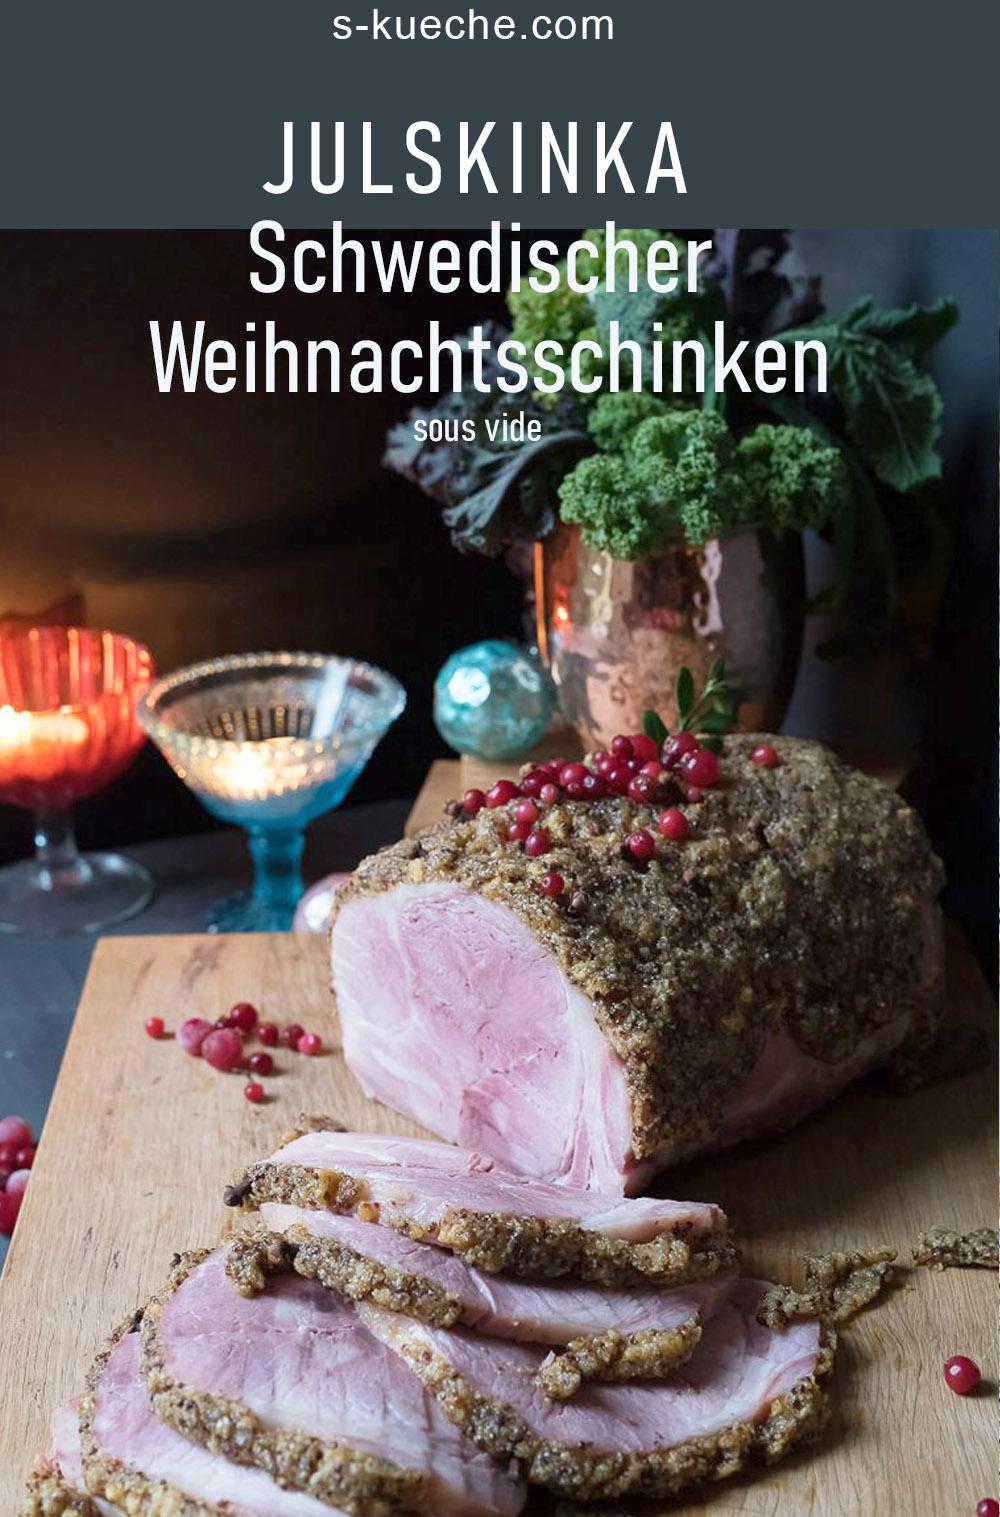 Schwedischer Weihnachtsschinken - Julskinka - Sous Vide. Rezept für den Klassiker den fast alle Schweden zu Weihnachten essen. Ganz einfach zubereitet #rezept #julskinka #weihnachtsschinken #schweden #weihnachten